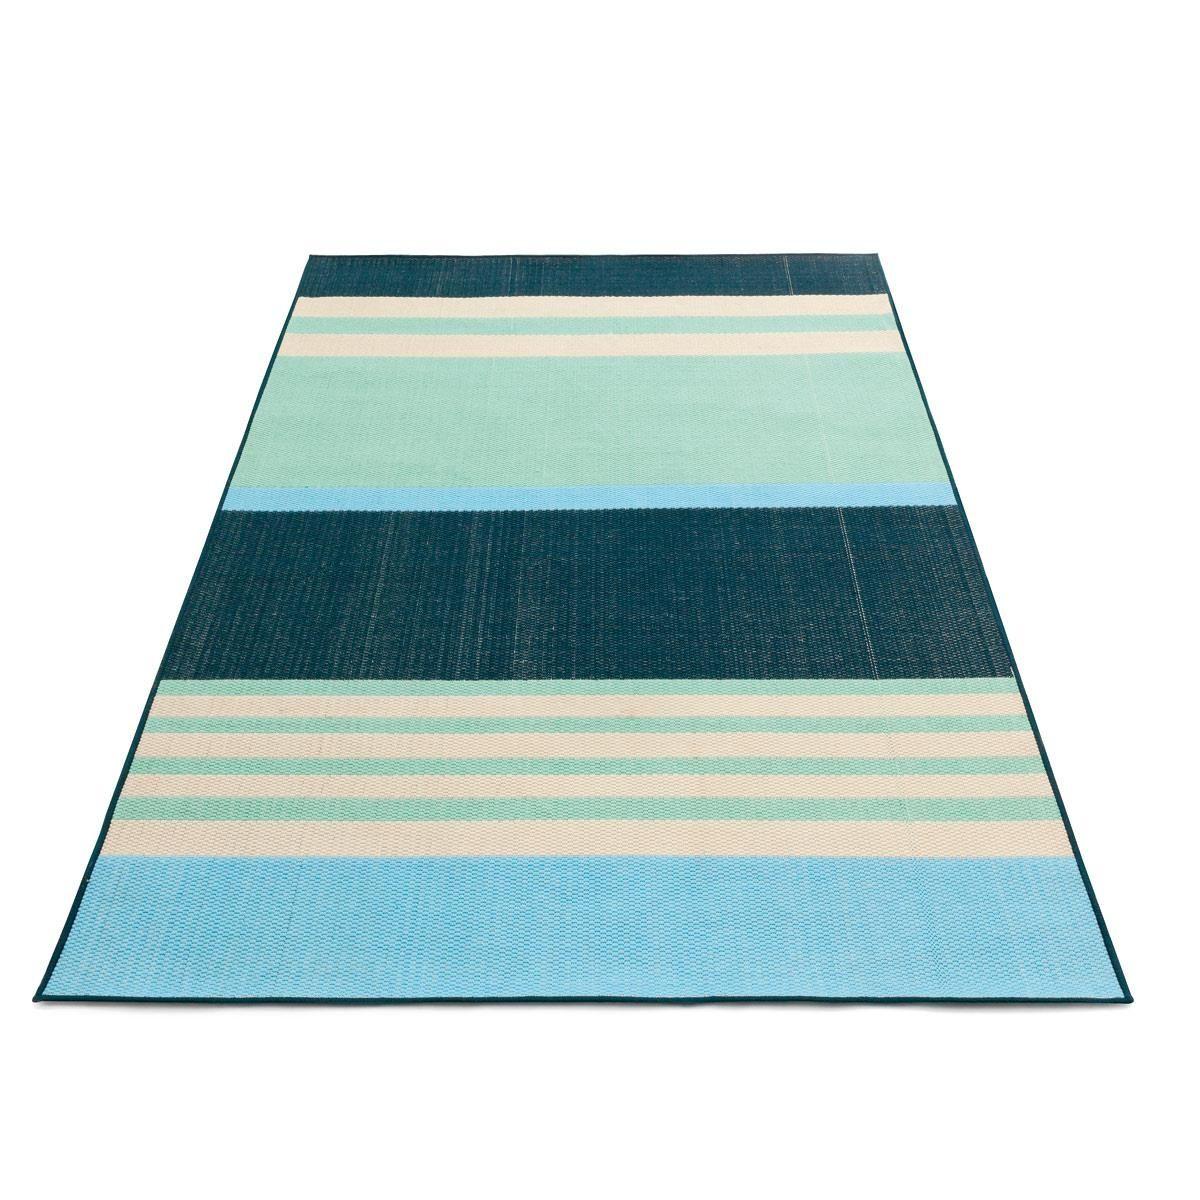 Outdoor Rug Rectangular, Stripe Kmart Outdoor rugs